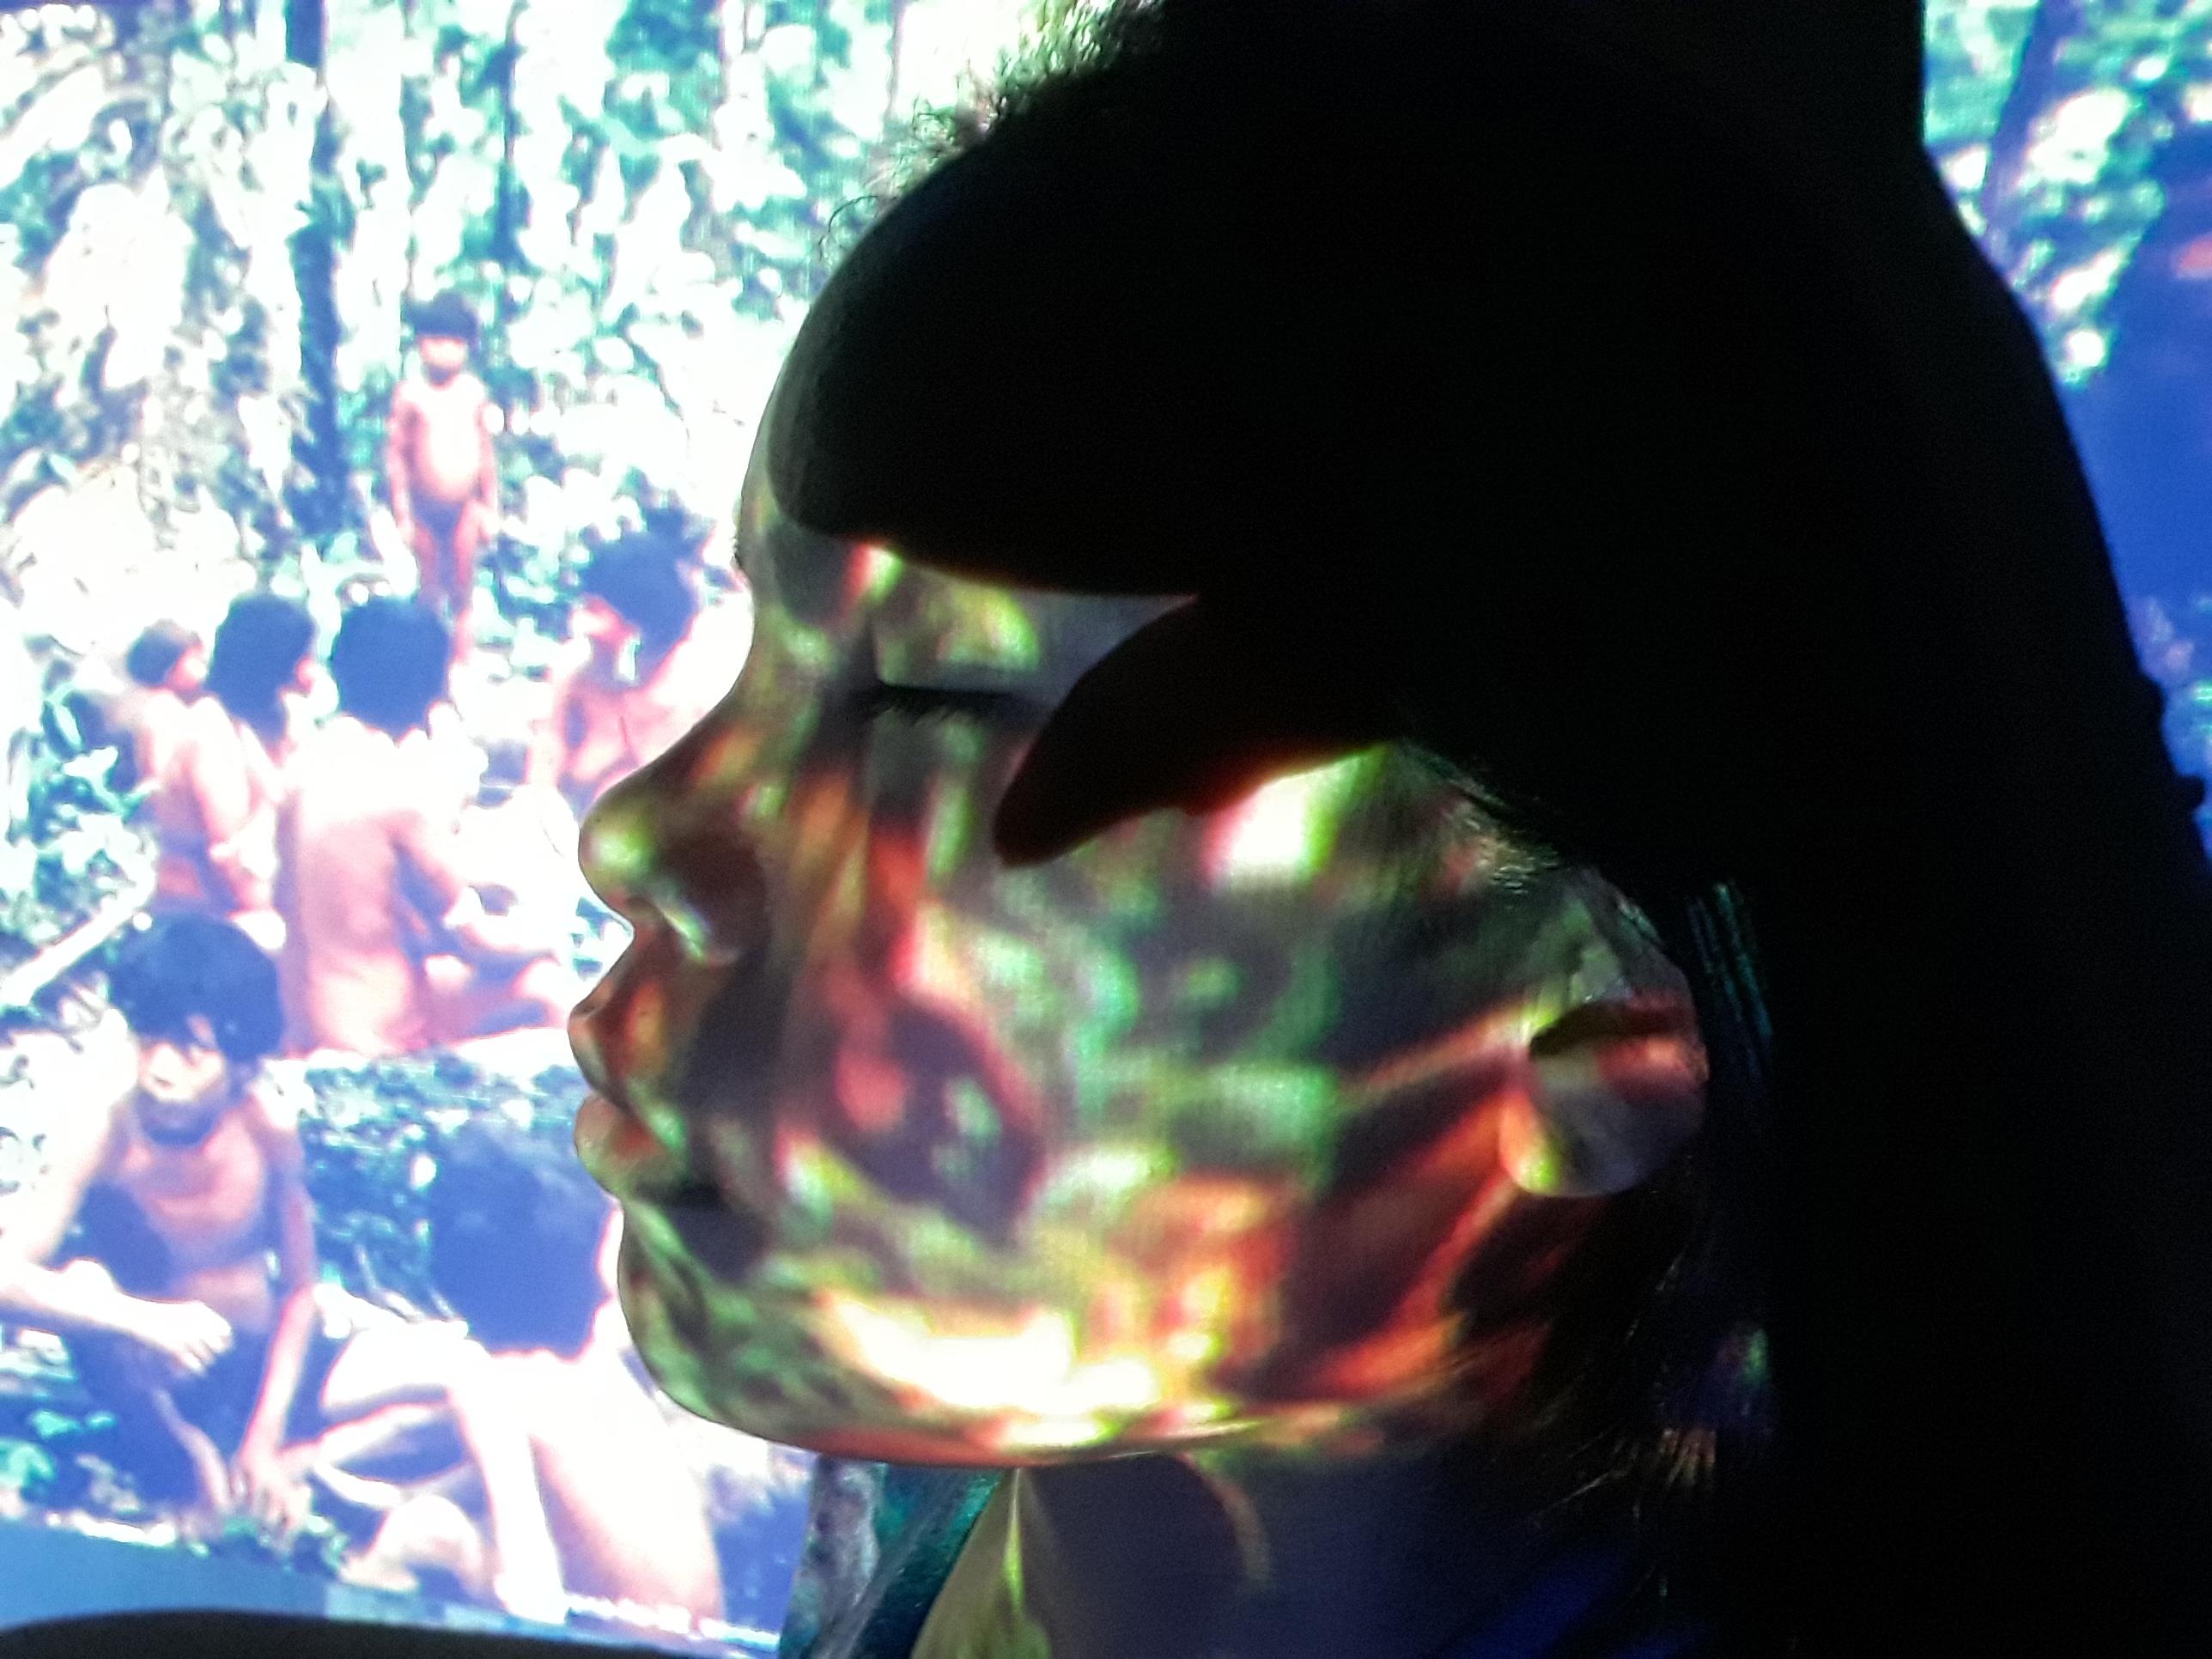 2F.01 (Francy Silva - Escultura humana)